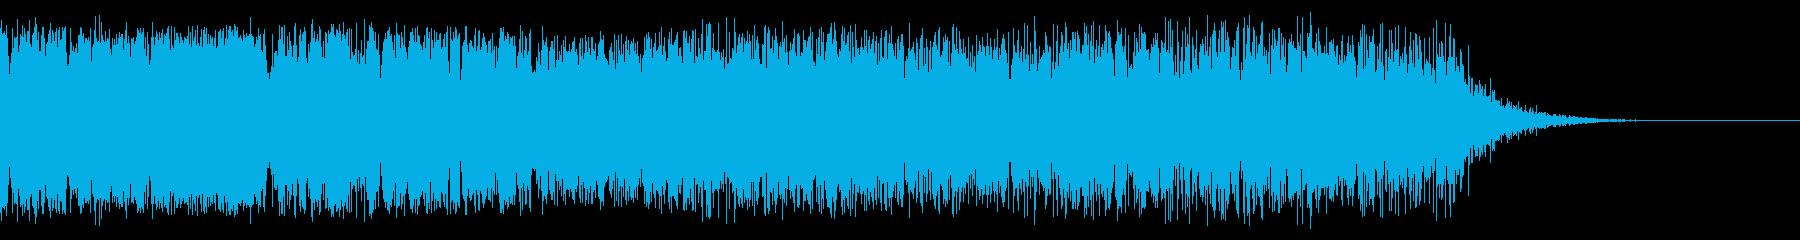 ロングハーシュザップの再生済みの波形